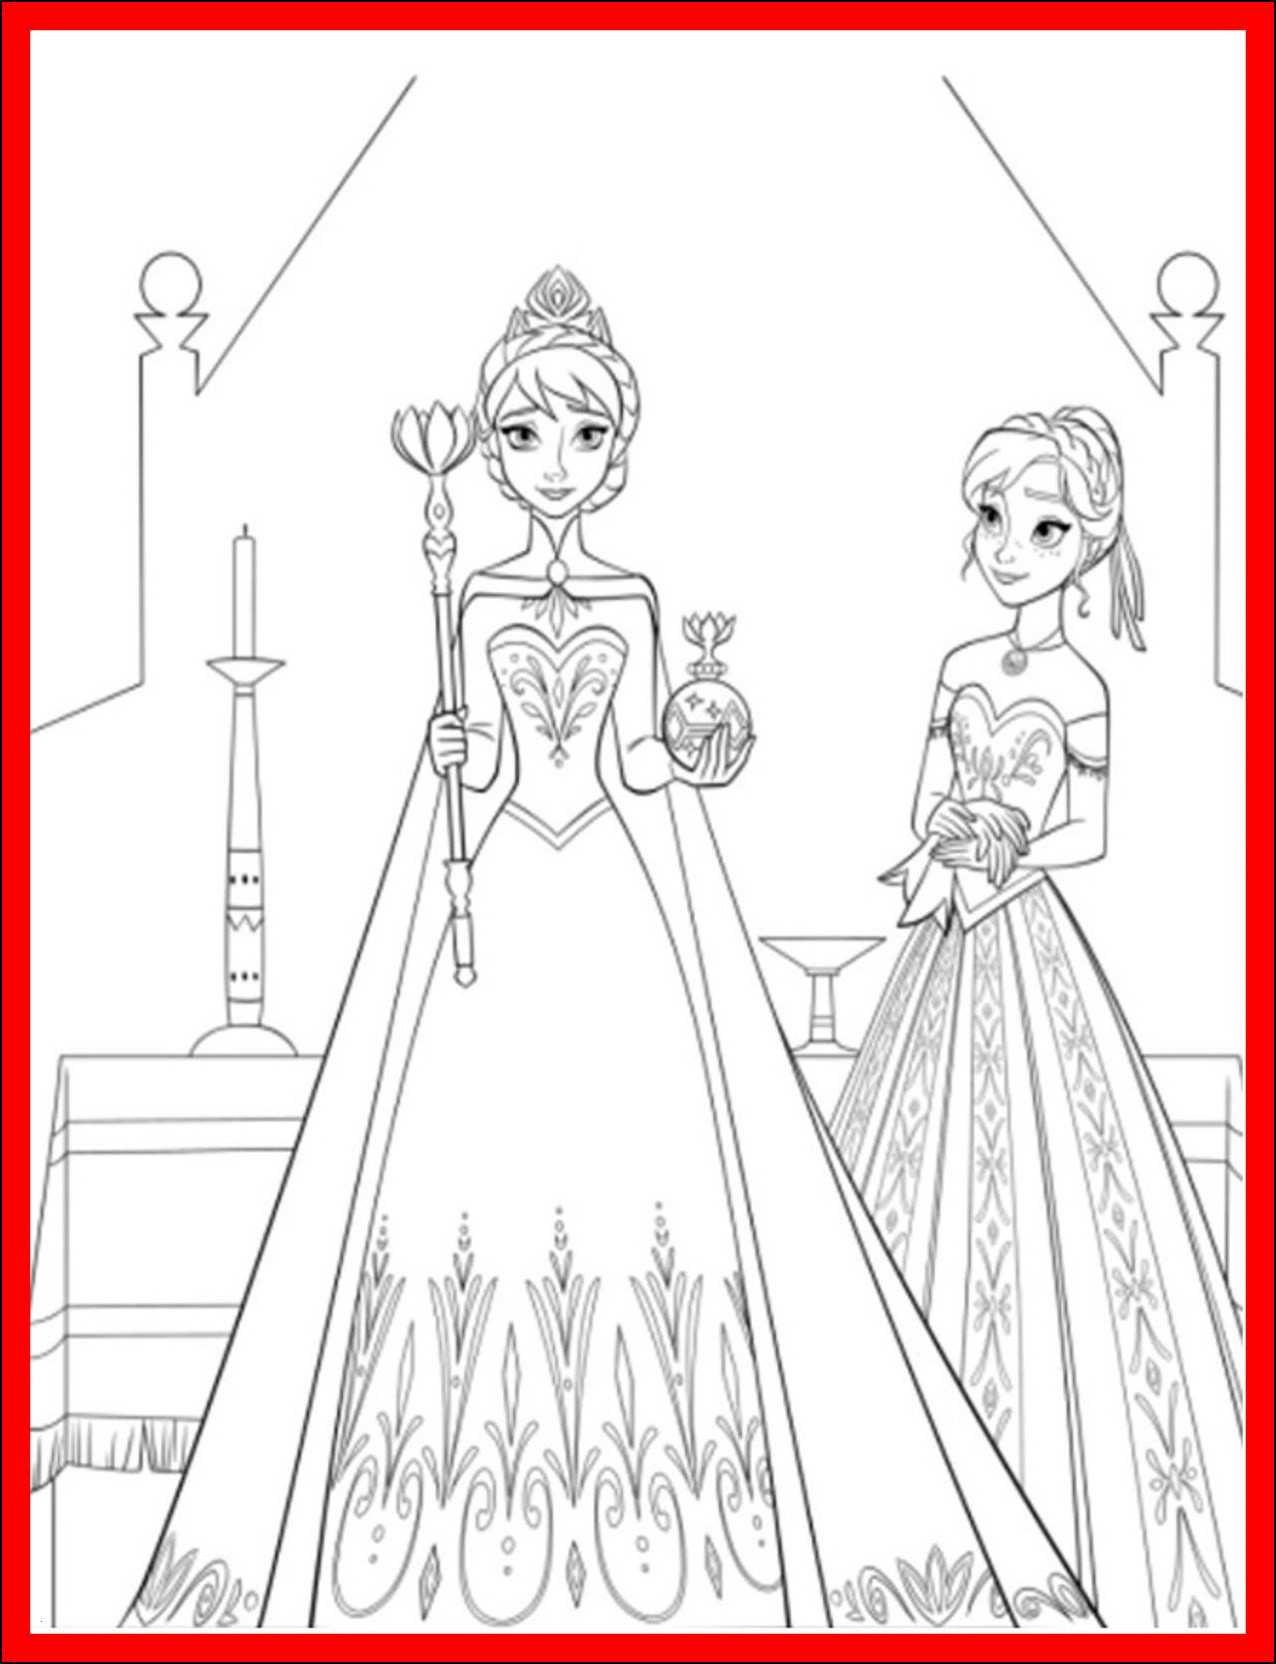 Ausmalbilder Weihnachten Elsa Und Anna Neu Wall E Ausmalbilder 315 Kostenlos Ausmalbilder Weihnachten Bilder